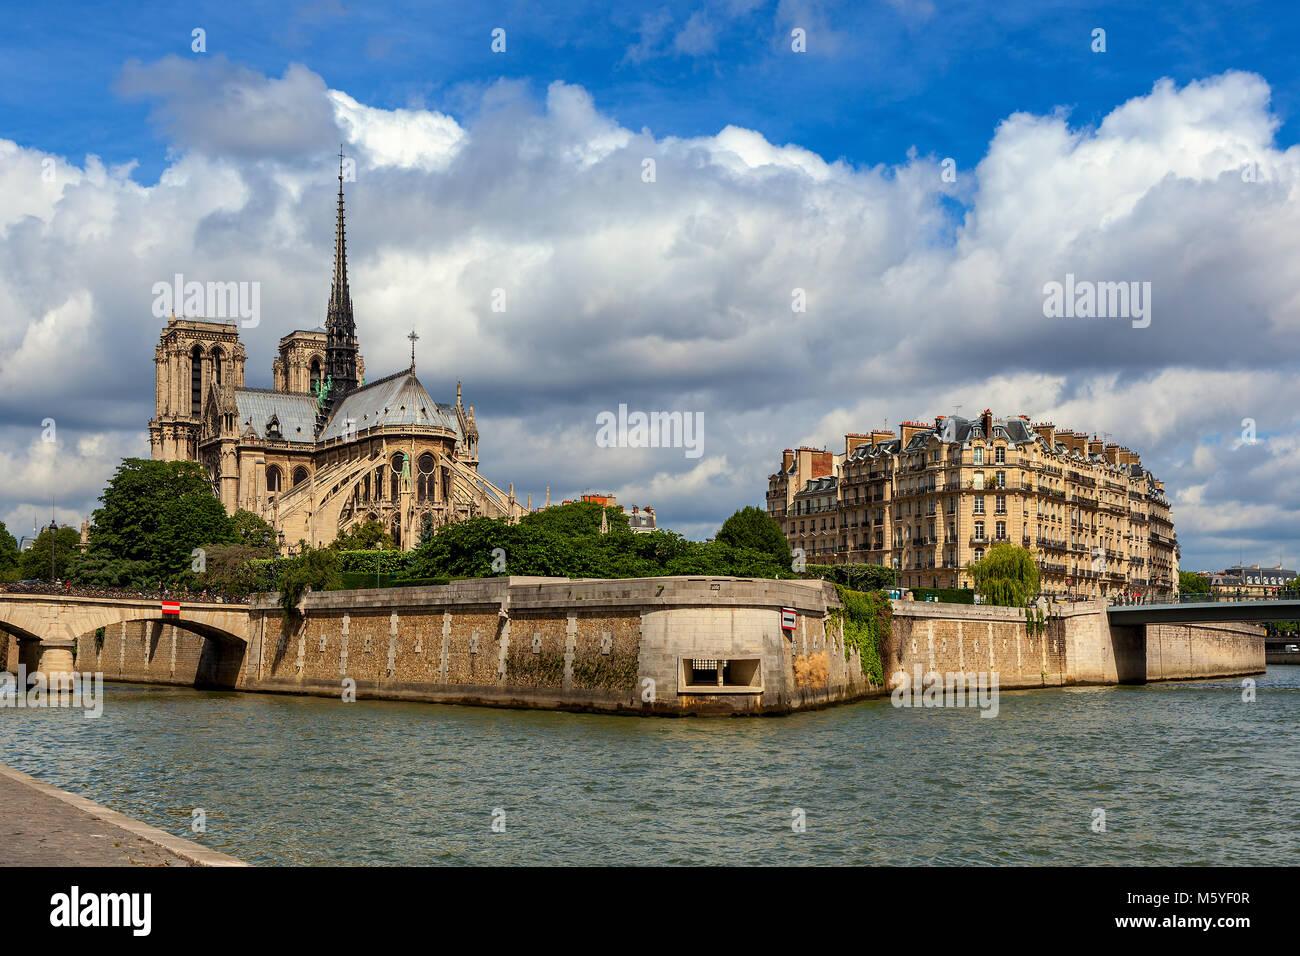 Vue de la Seine et de la célèbre Cathédrale Notre-Dame de Paris dans le cadre de ciel magnifique Photo Stock